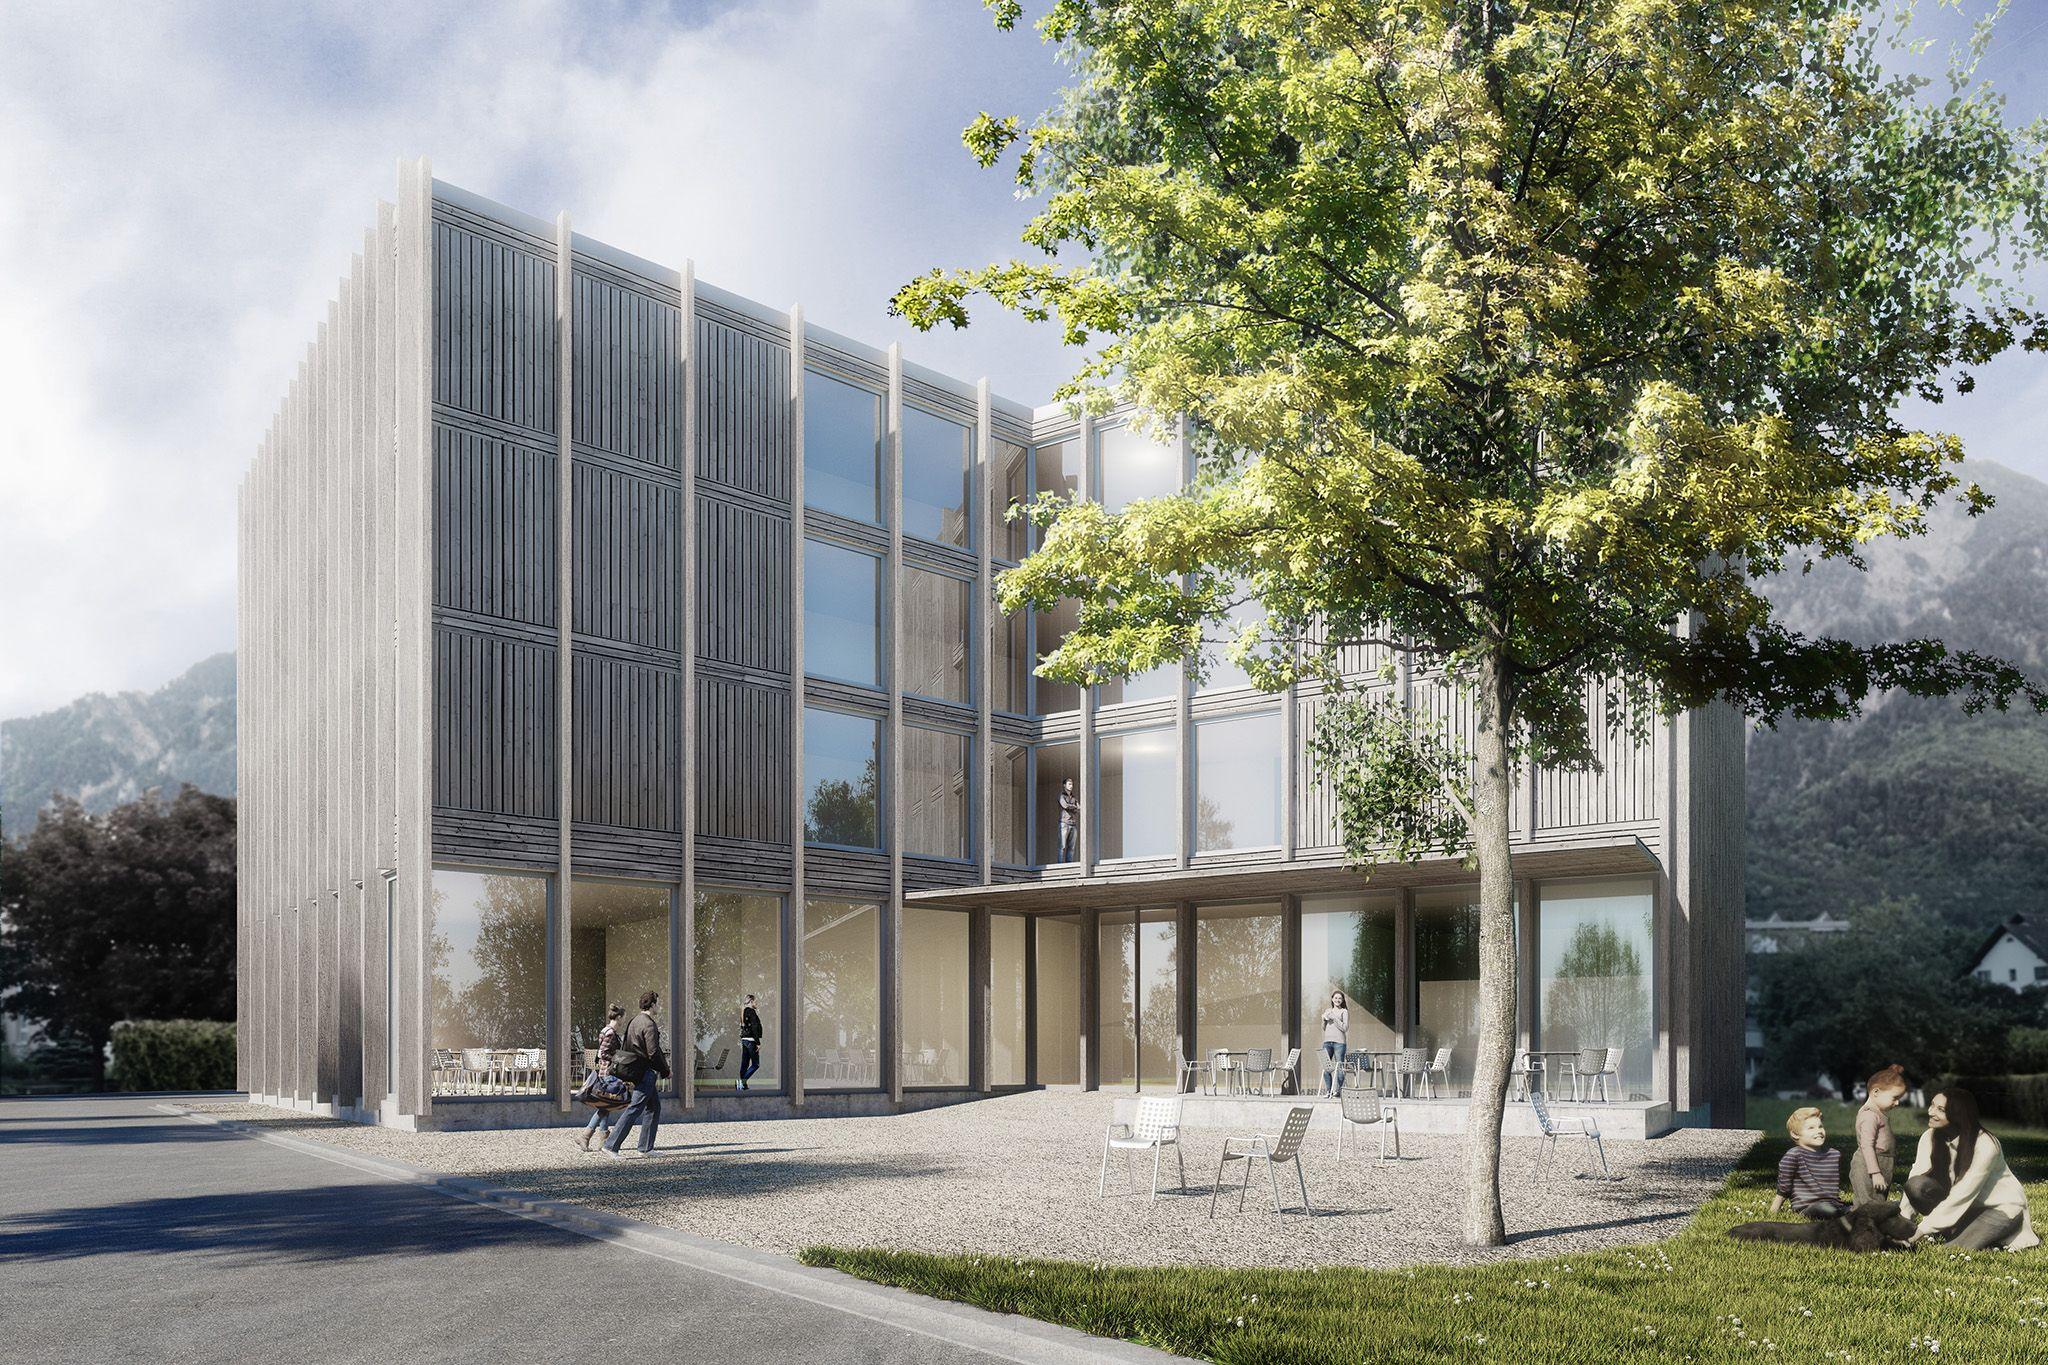 Wettbewerb Jugendherberge Schaan Aschwanden Schurer Architekten Visualisierung Architron Visualisierung Architektur Architekt